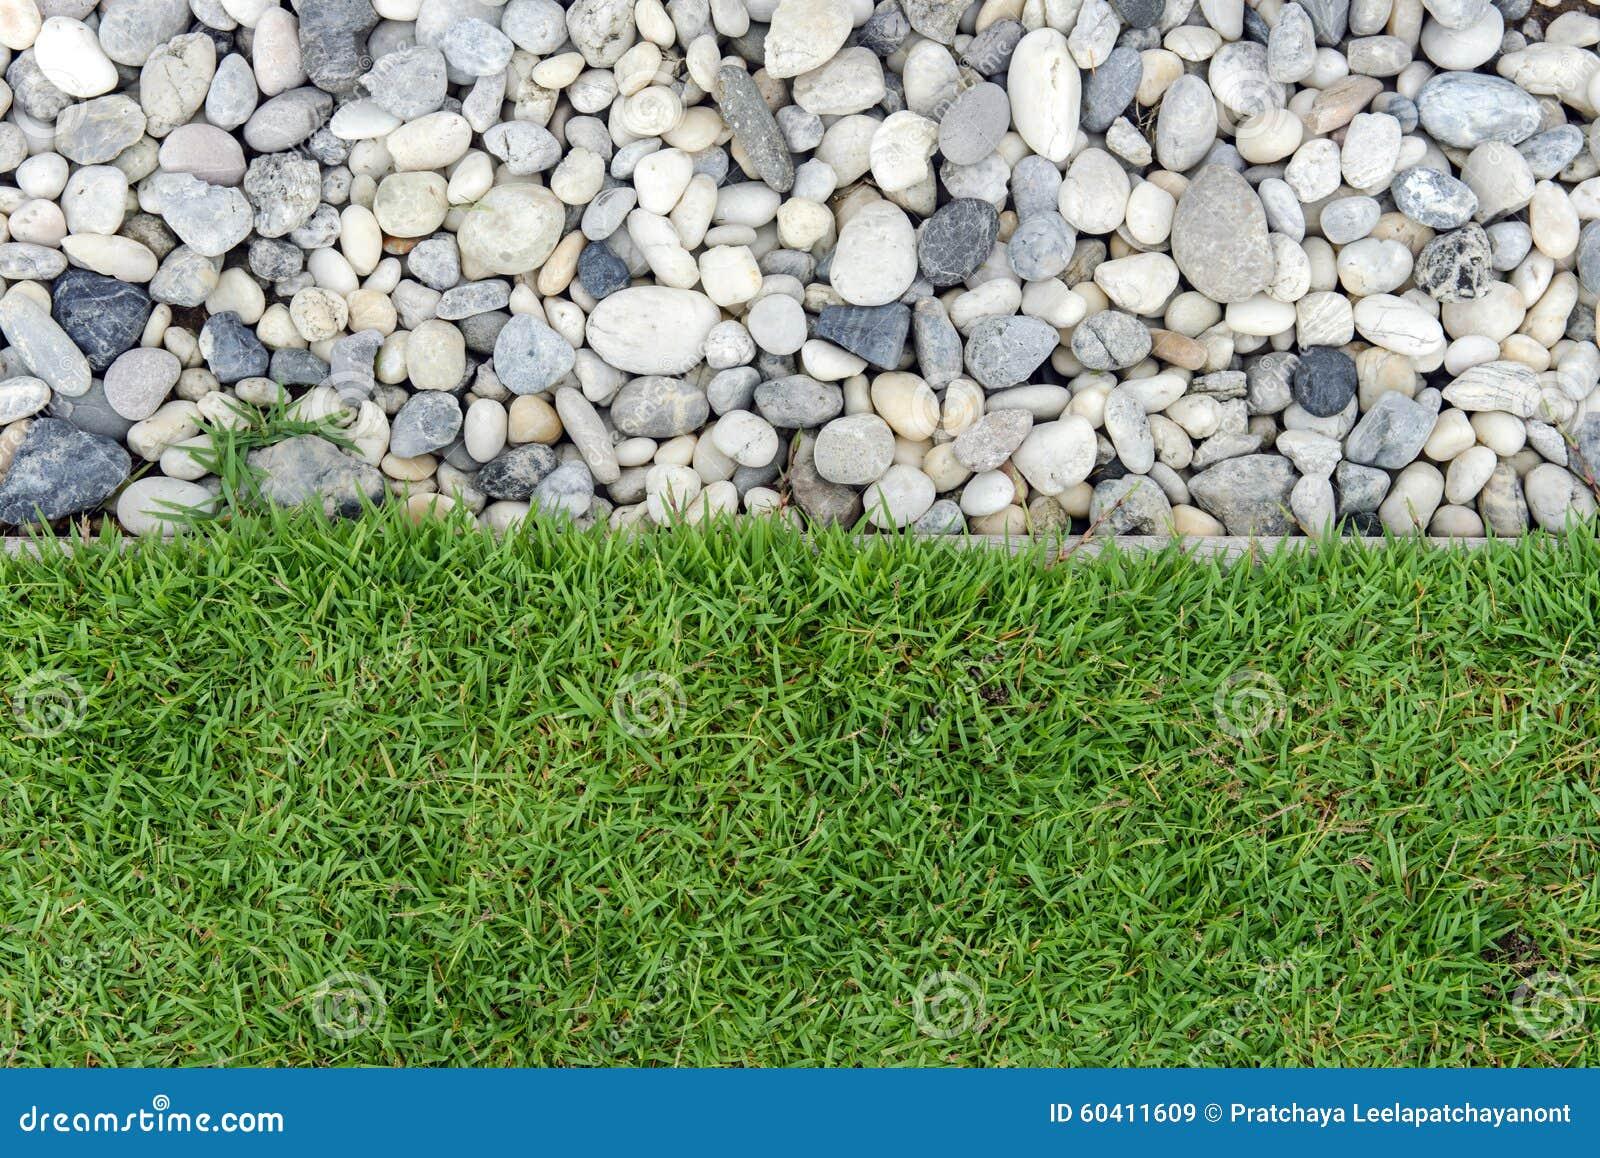 Tuin gras xl formele tuin met een weg van kleine stenen haag en